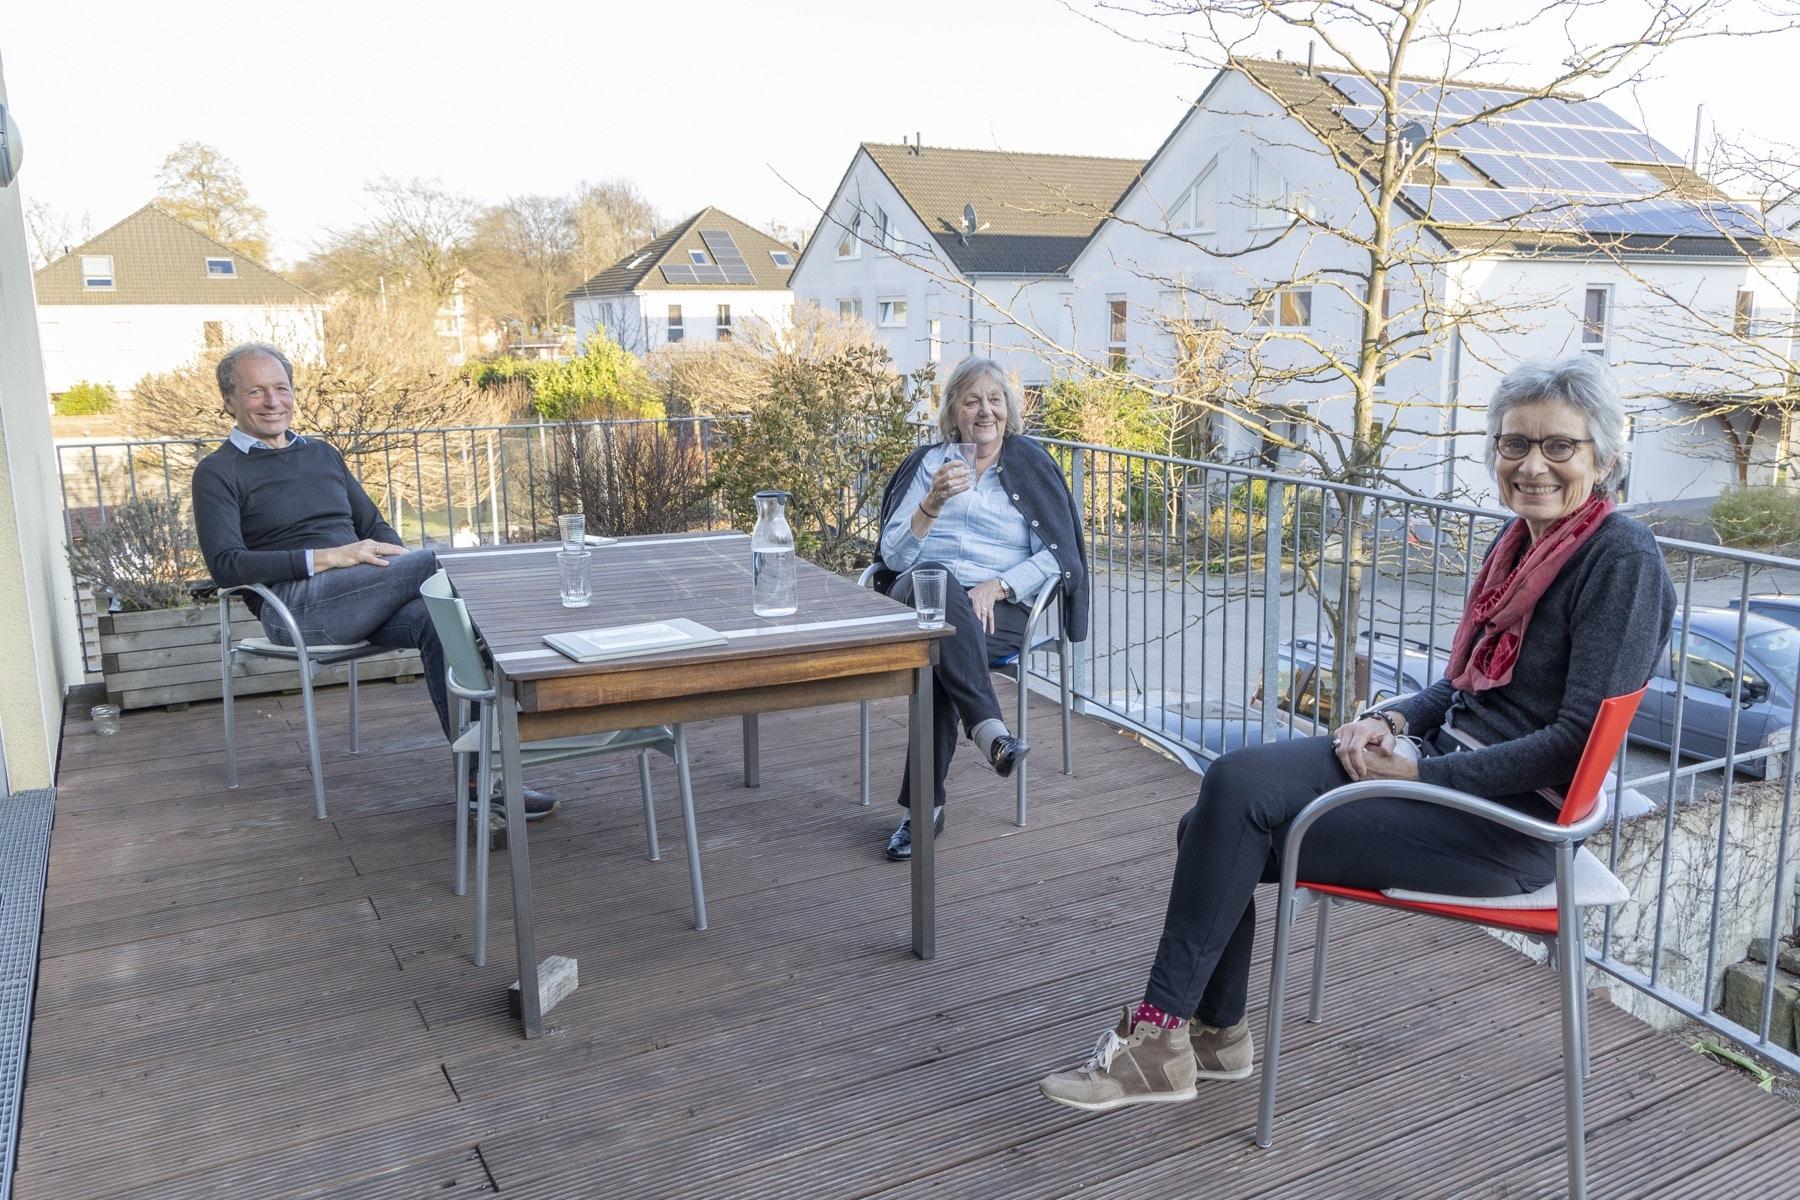 """(v. l.) Matthias Siepmann, Erika Neumann und Sabine Kramer halten dem Wohnprojekt seit Beginn an die Treue. So schwer """"mehr Abstand"""" aktuell auch fällt – über ihre vor knapp zwei Jahrzehnten ergriffene Initiative sind sie auch heute noch glücklich. (Foto: Wir in Dortmund)"""